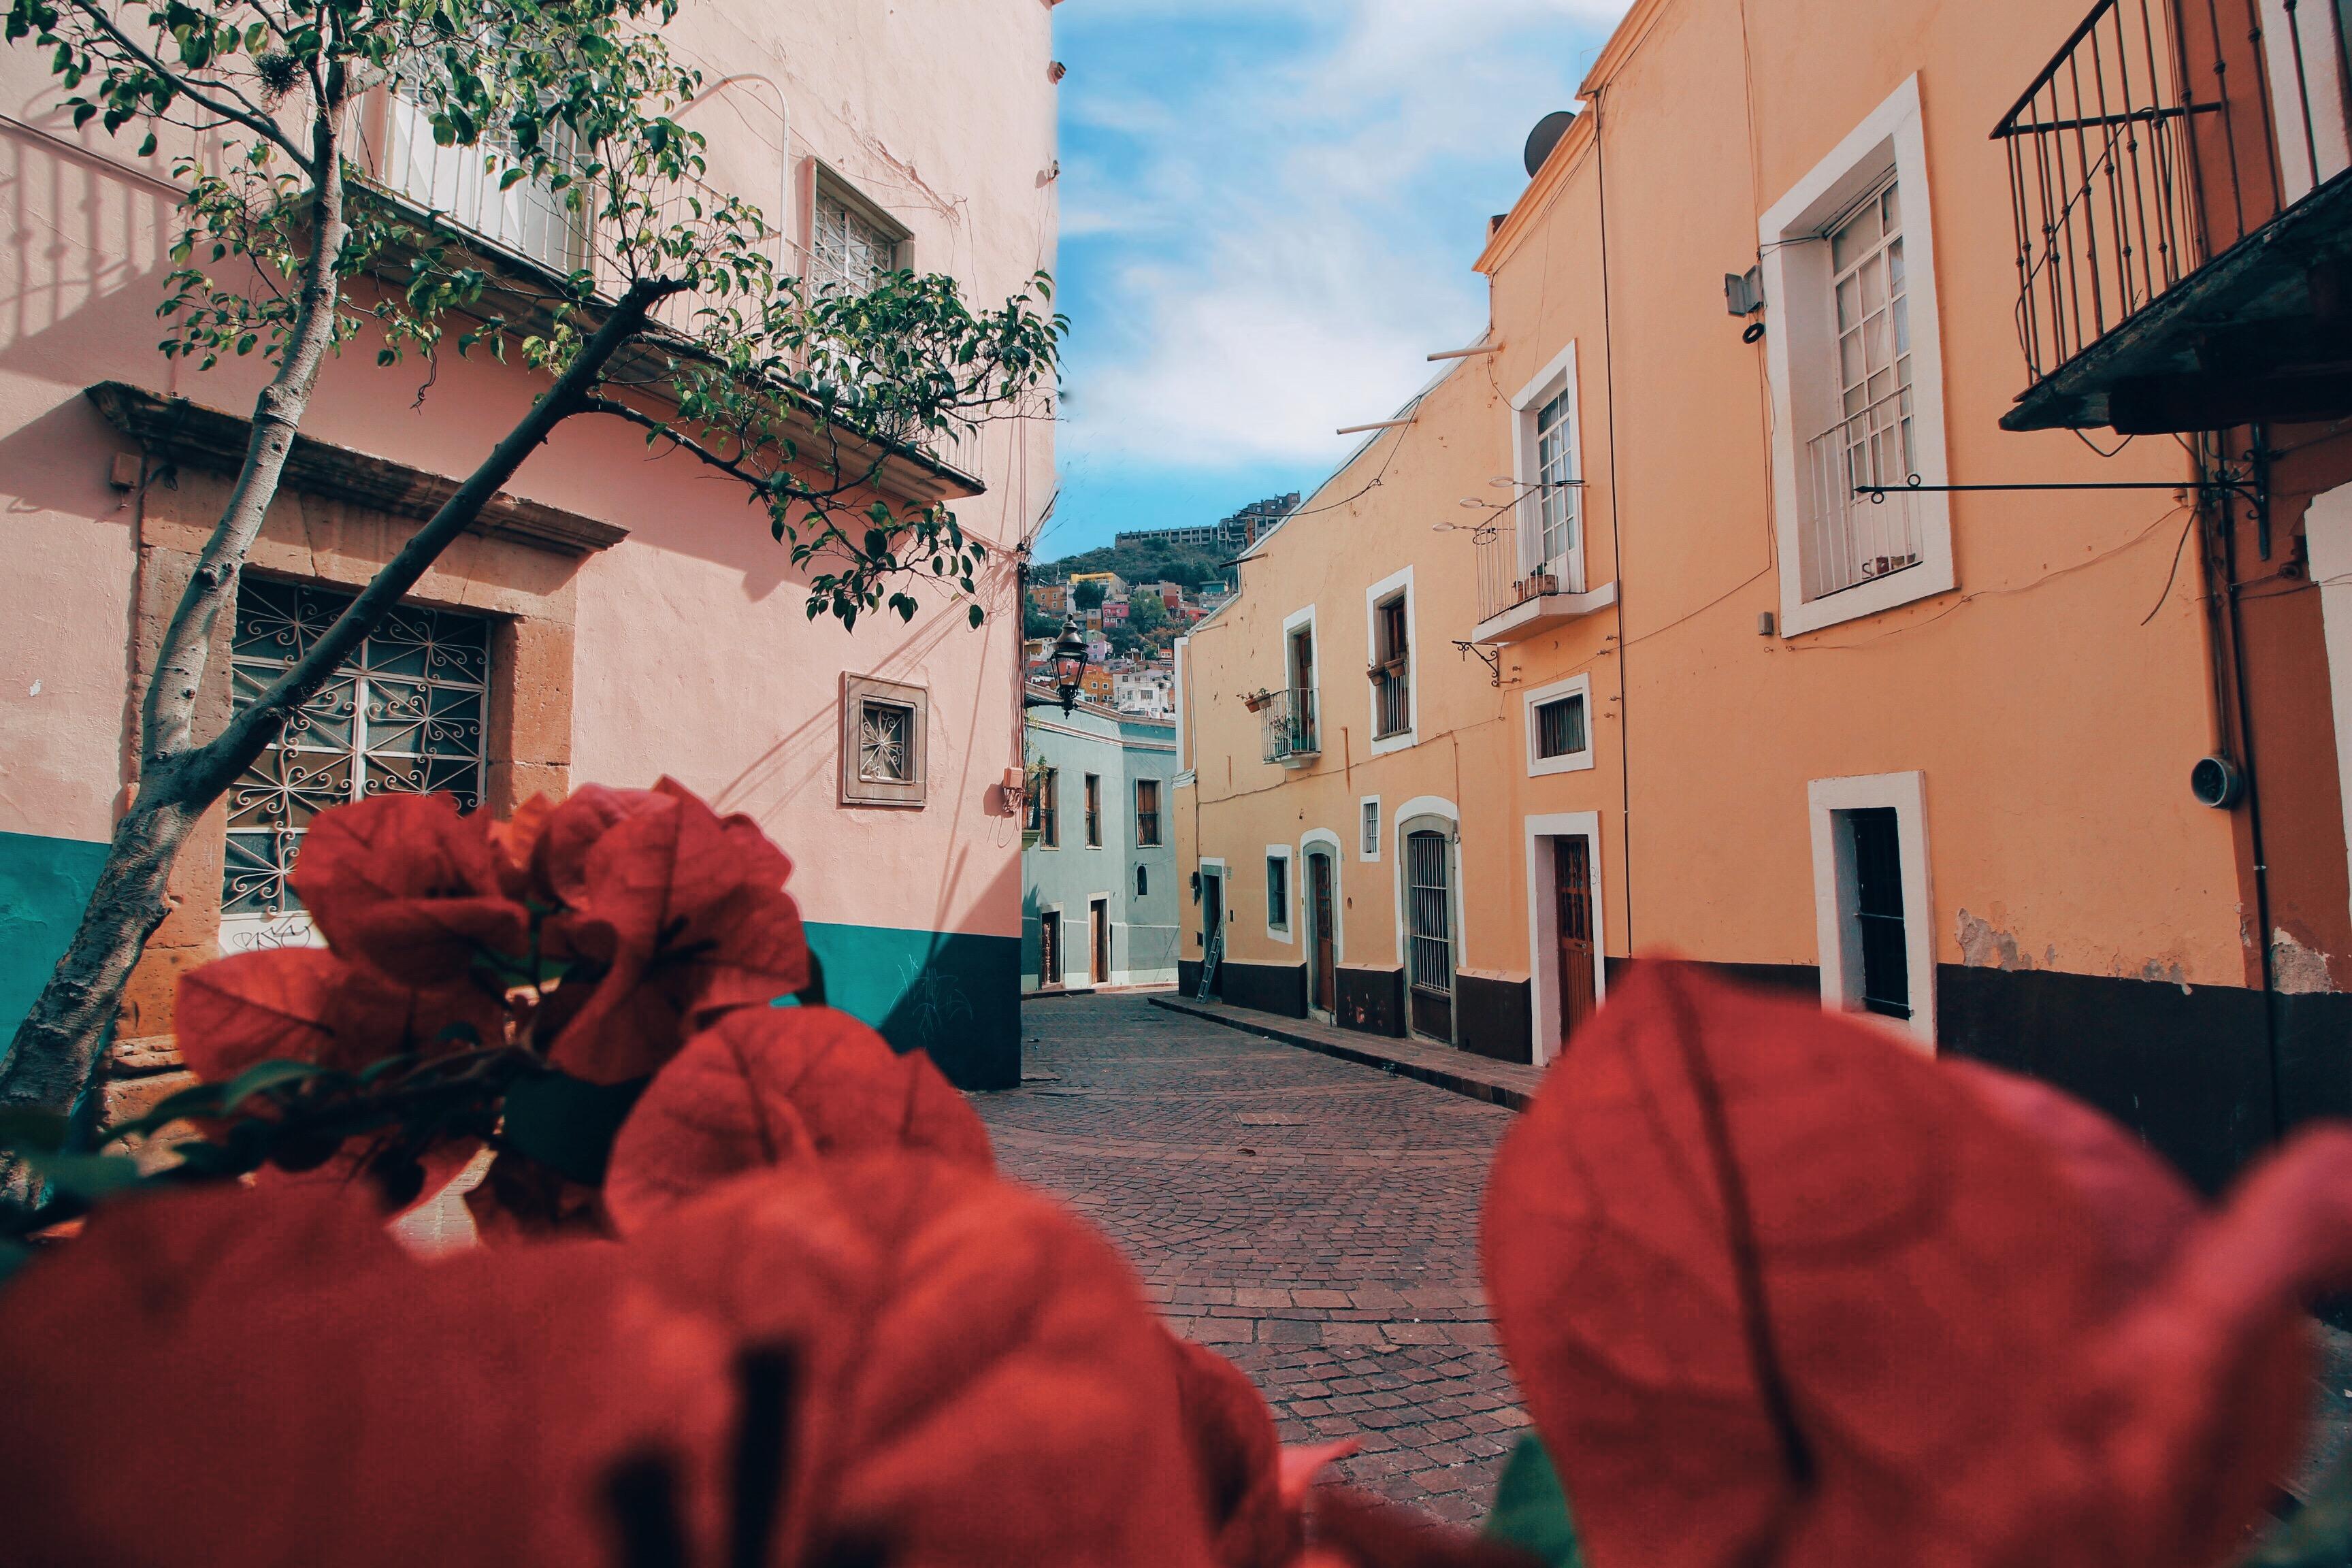 El abecedario de los callejones en Guanajuato capital, un recorrido de la A a la Z 🌈 ❤️